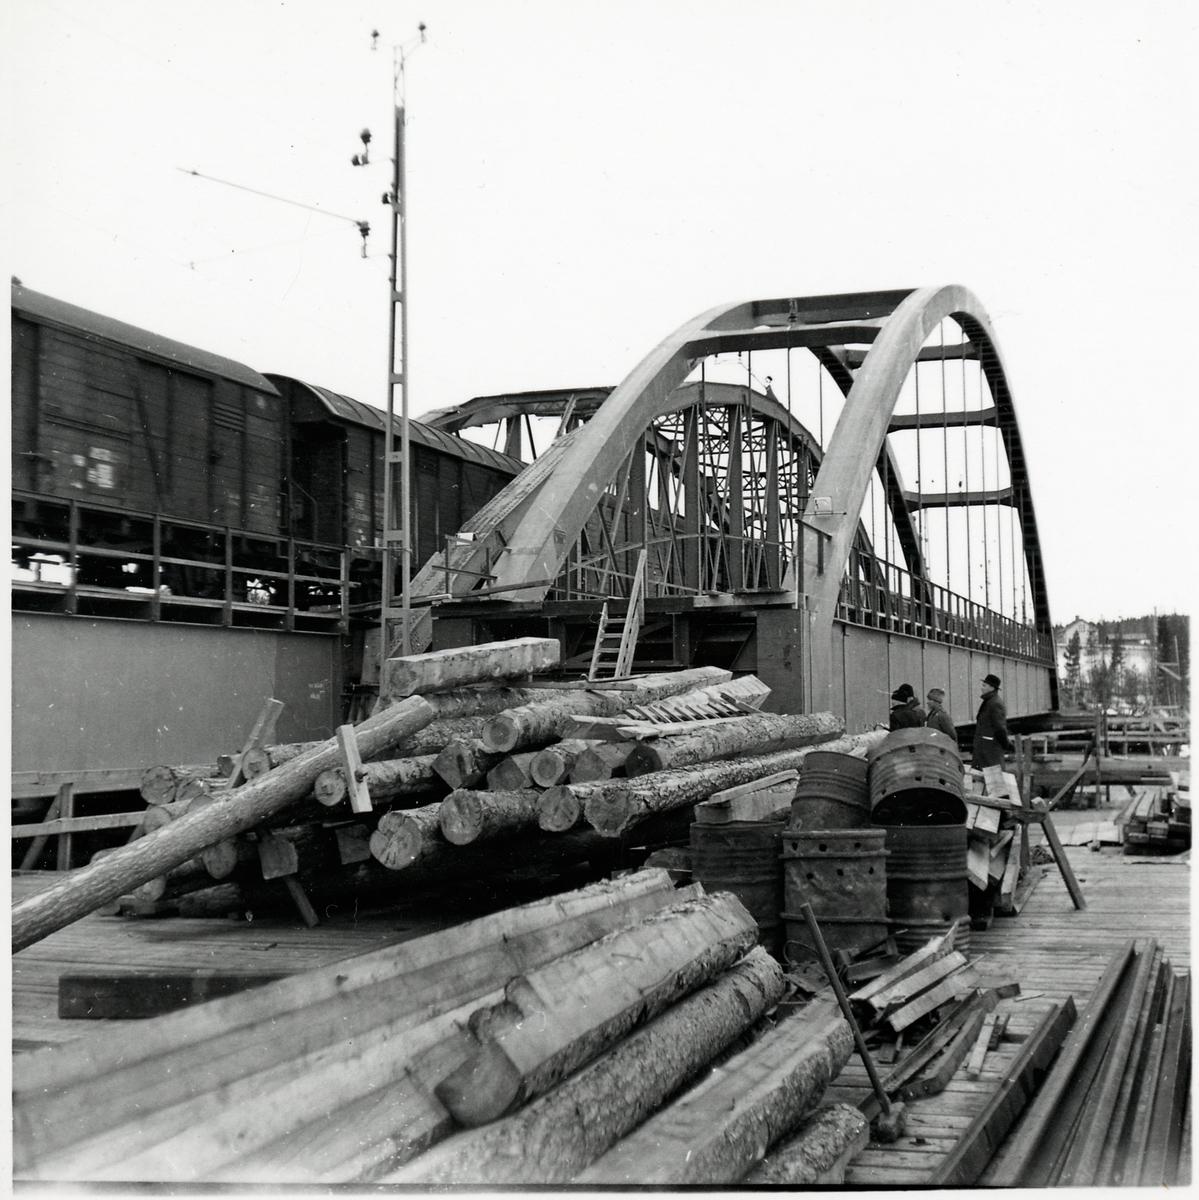 En ny bro är på väg att att anläggas över Skellefteälven på linjen mellan Karsbäcken och Kusfors, längs norra stambanan. Till vänster i bild passerar ett godståg över den gamla bron.